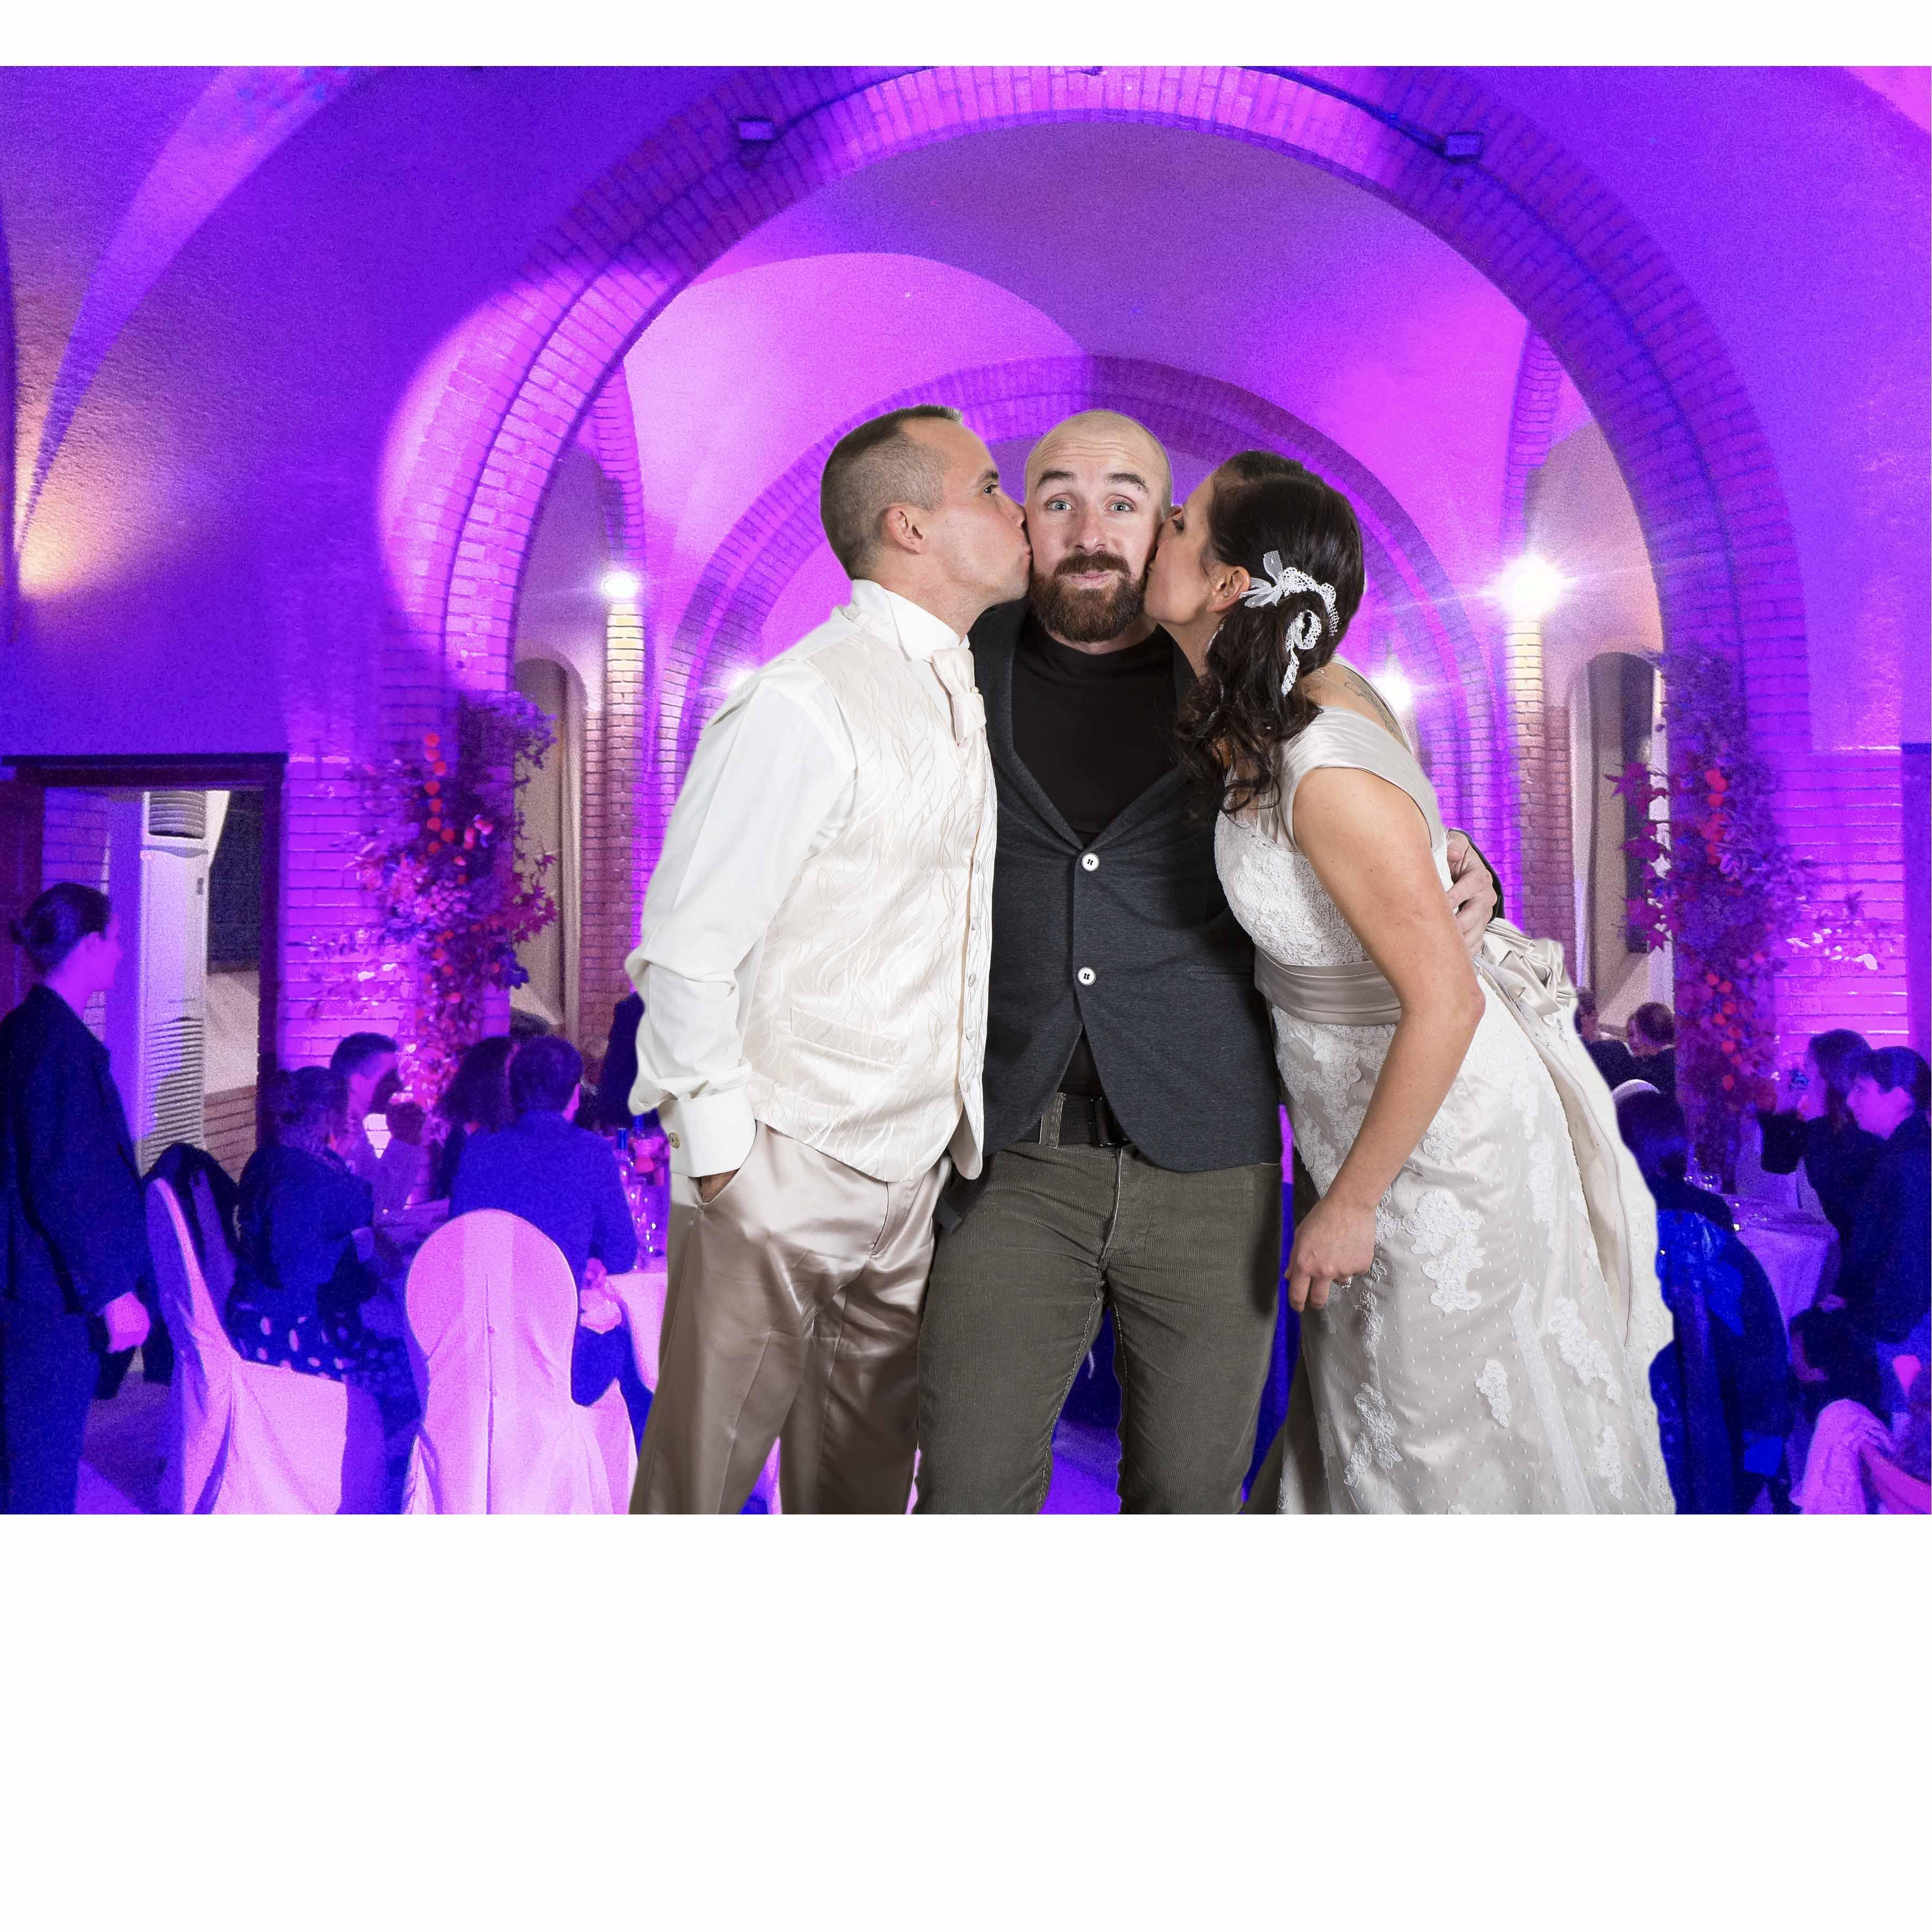 Dj-mariage-toulouse-bisous-mariés-vignette-full